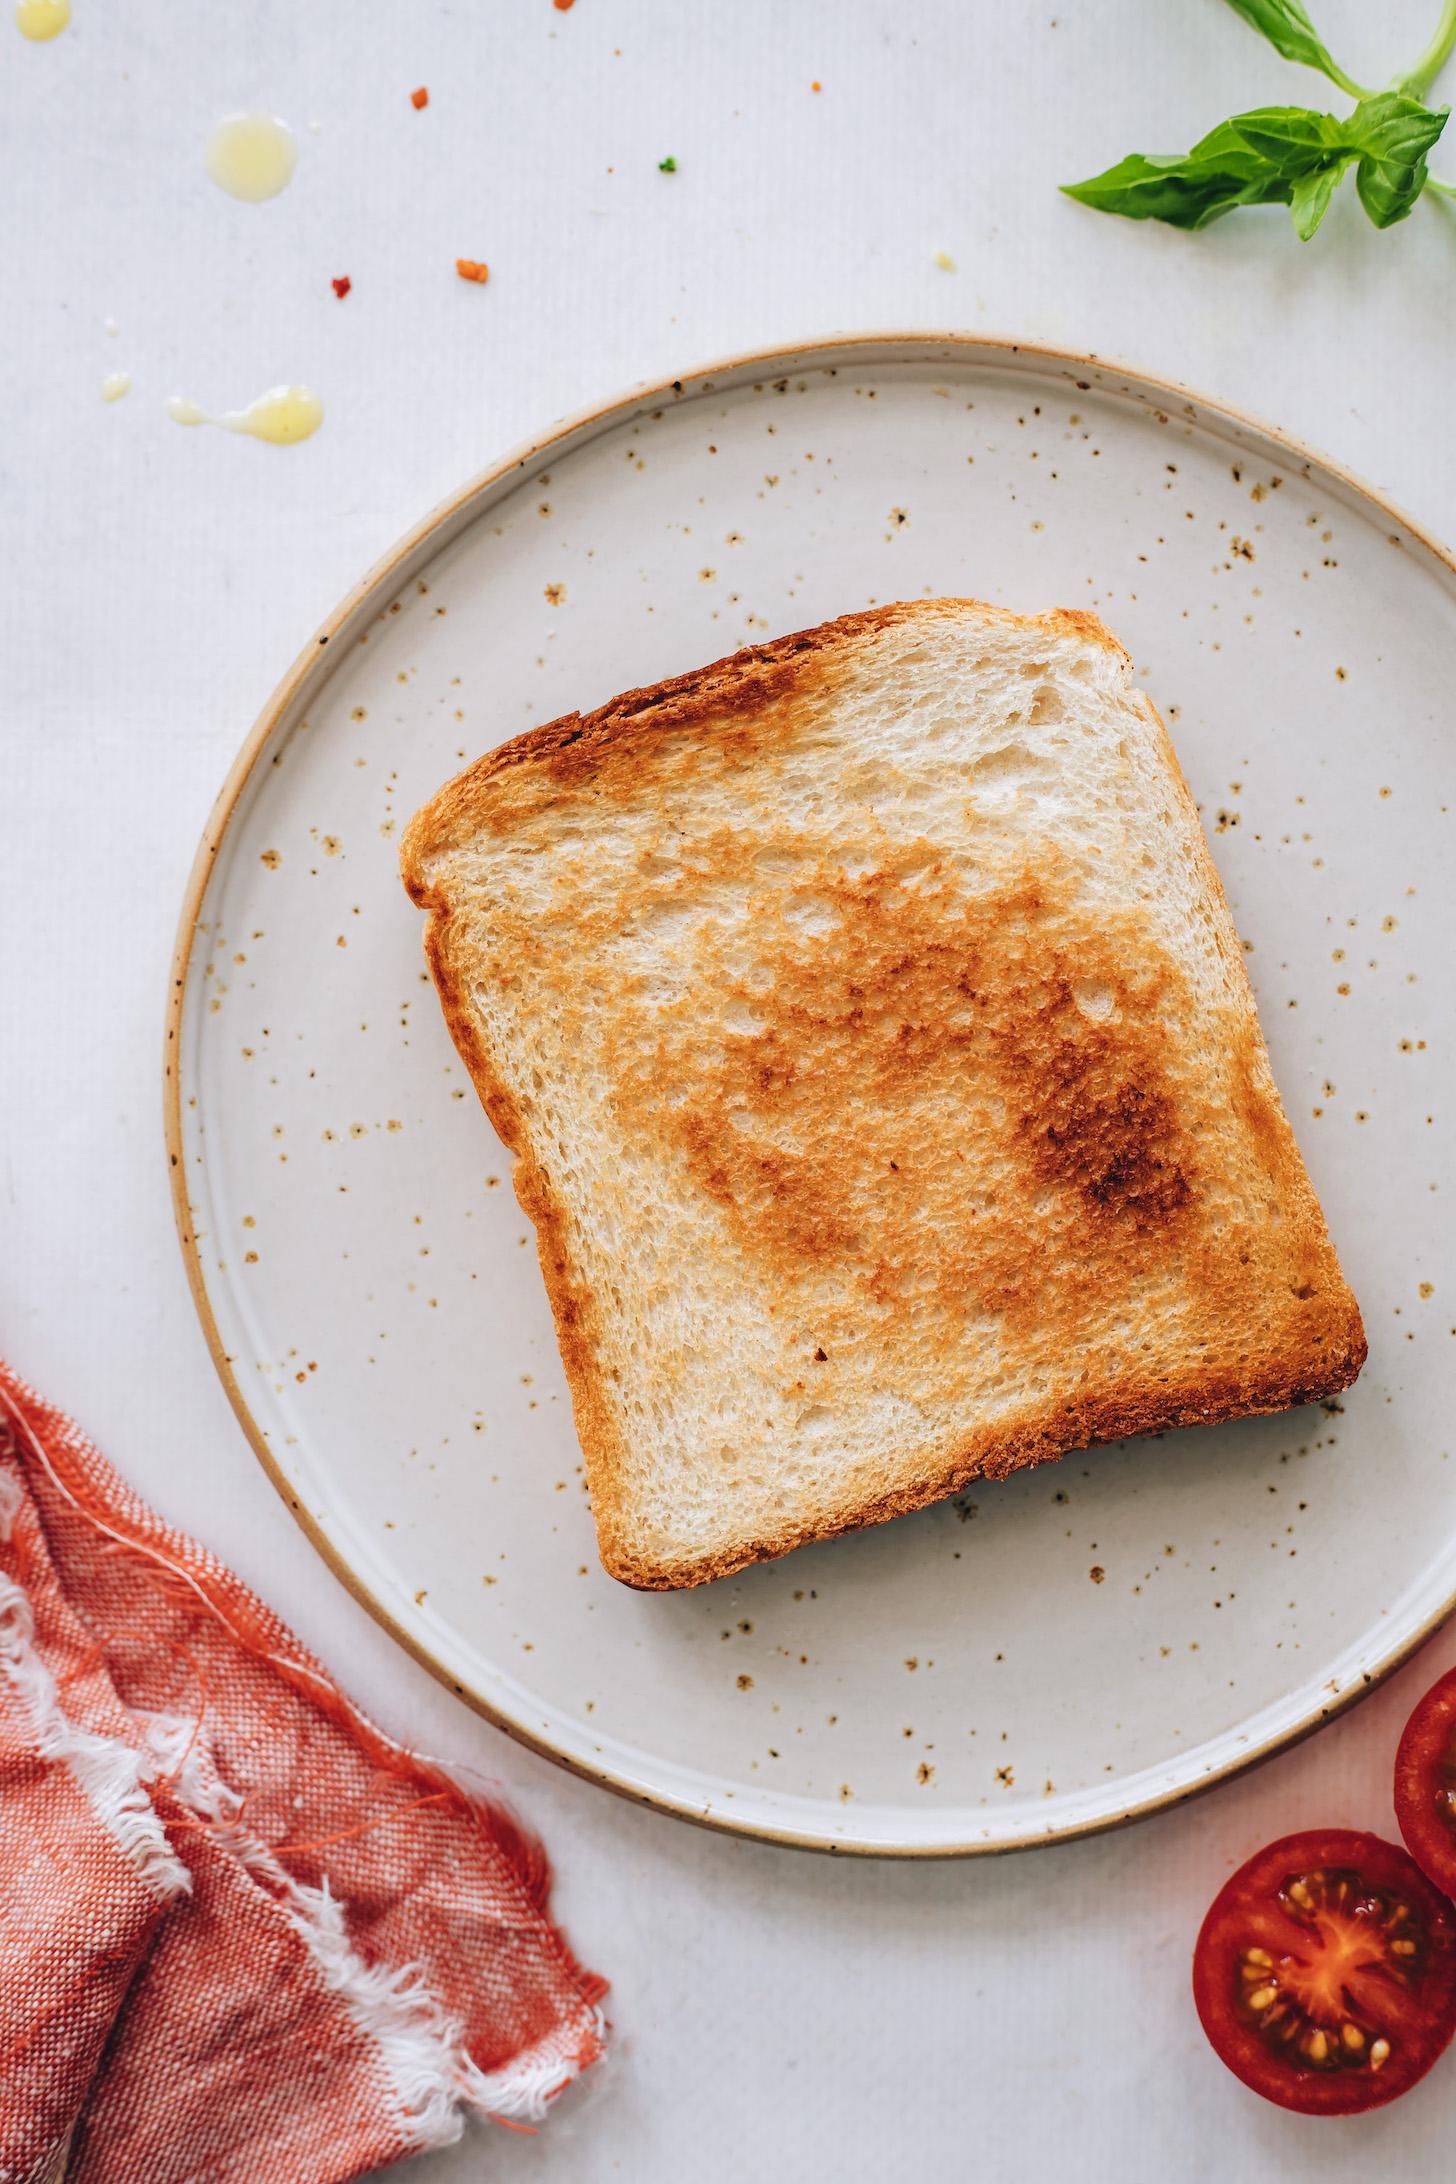 Bir tabakta mükemmel kızarmış ekmek dilimi